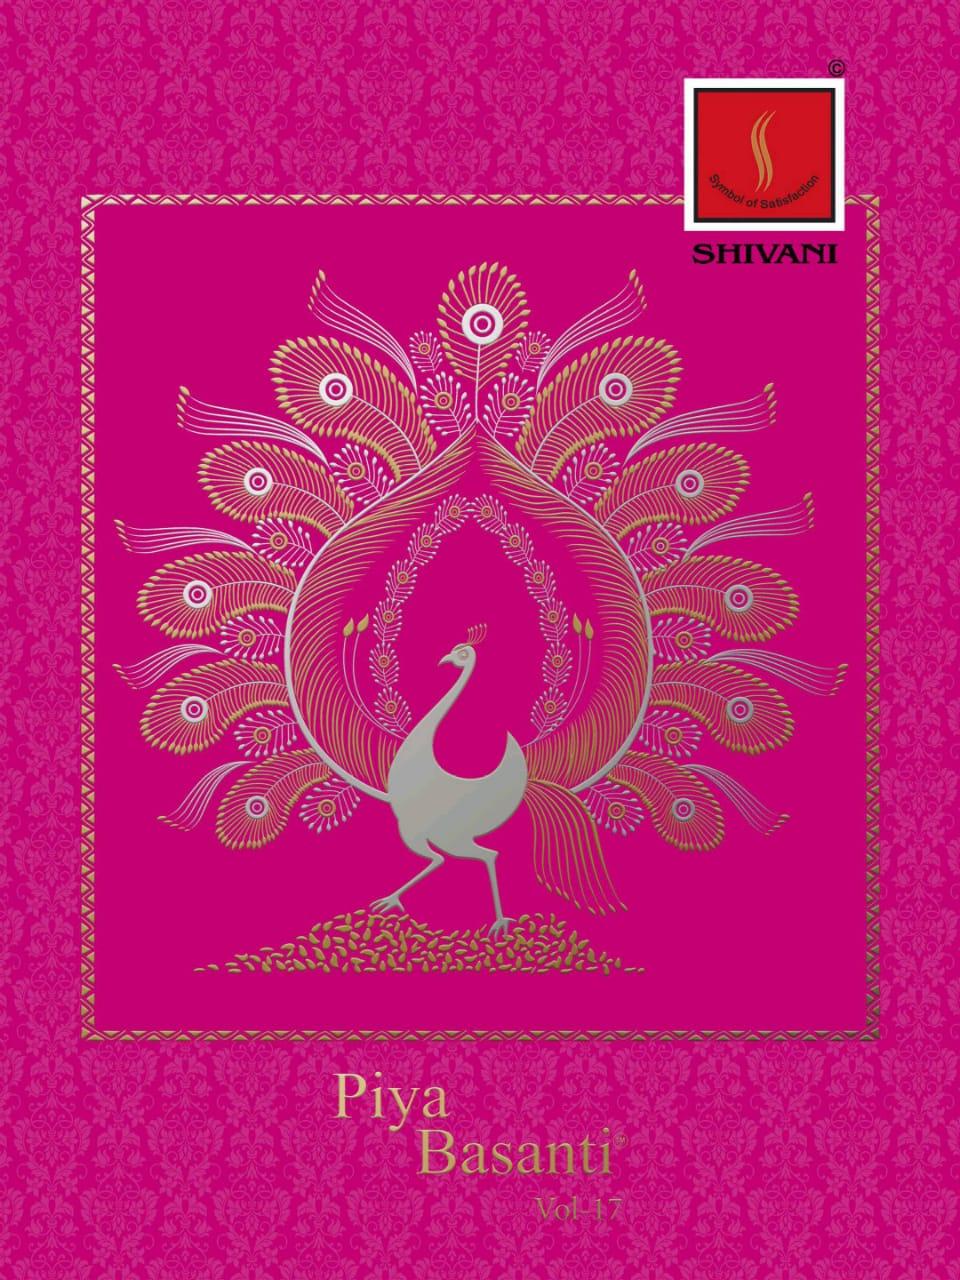 Shivani Piya Basanti Vol 17 Daily Wear Cotton Salwar Suit Collection